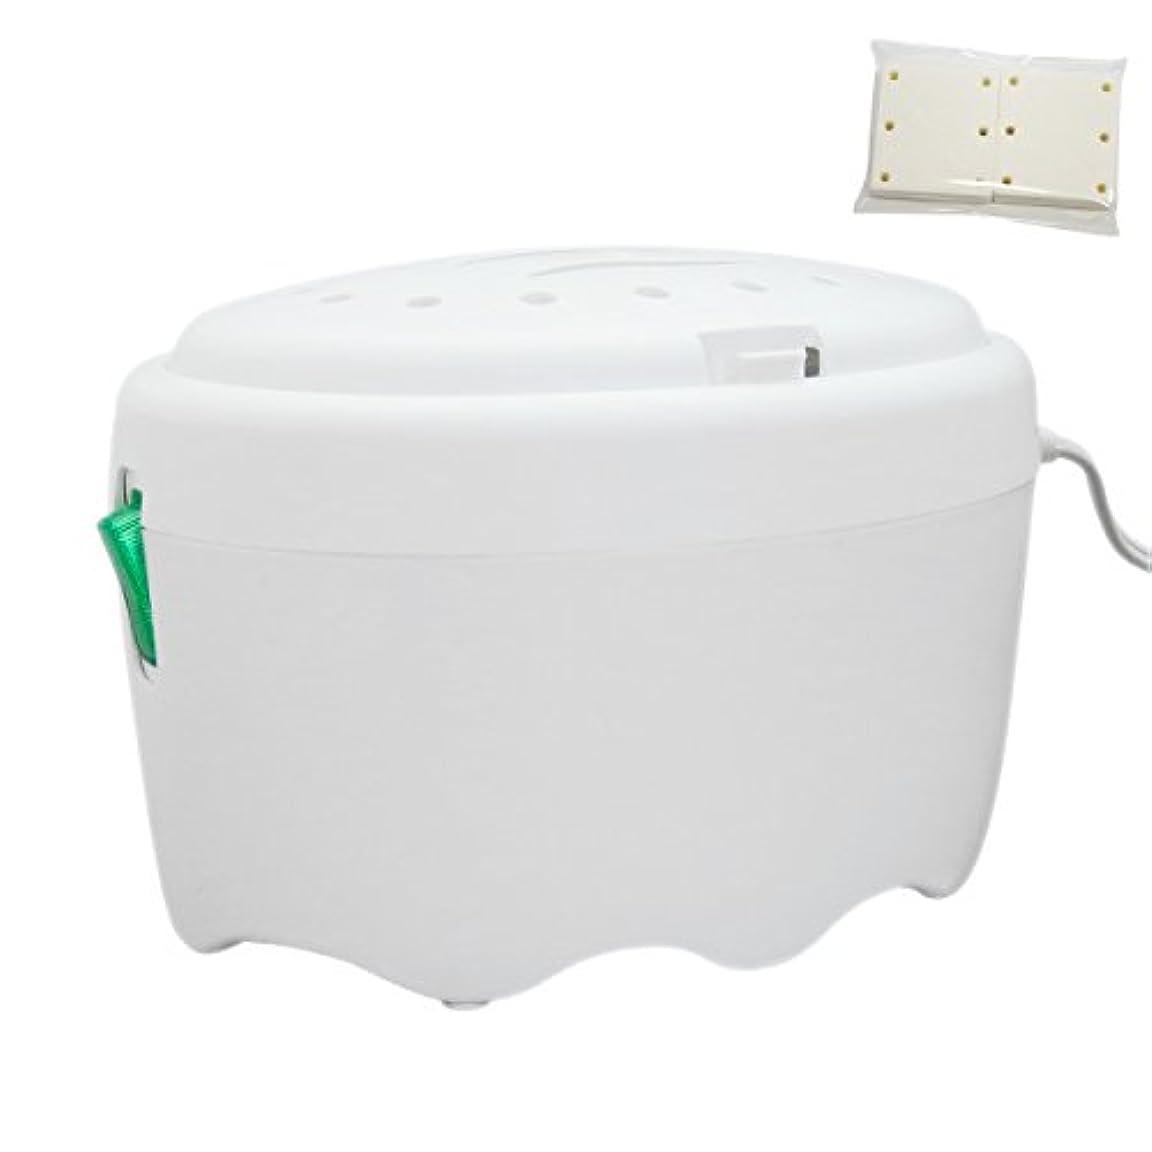 詳細な独立してドロップアロマブリーズ フレンズ ホワイト ファン式電源コードタイプ芳香器